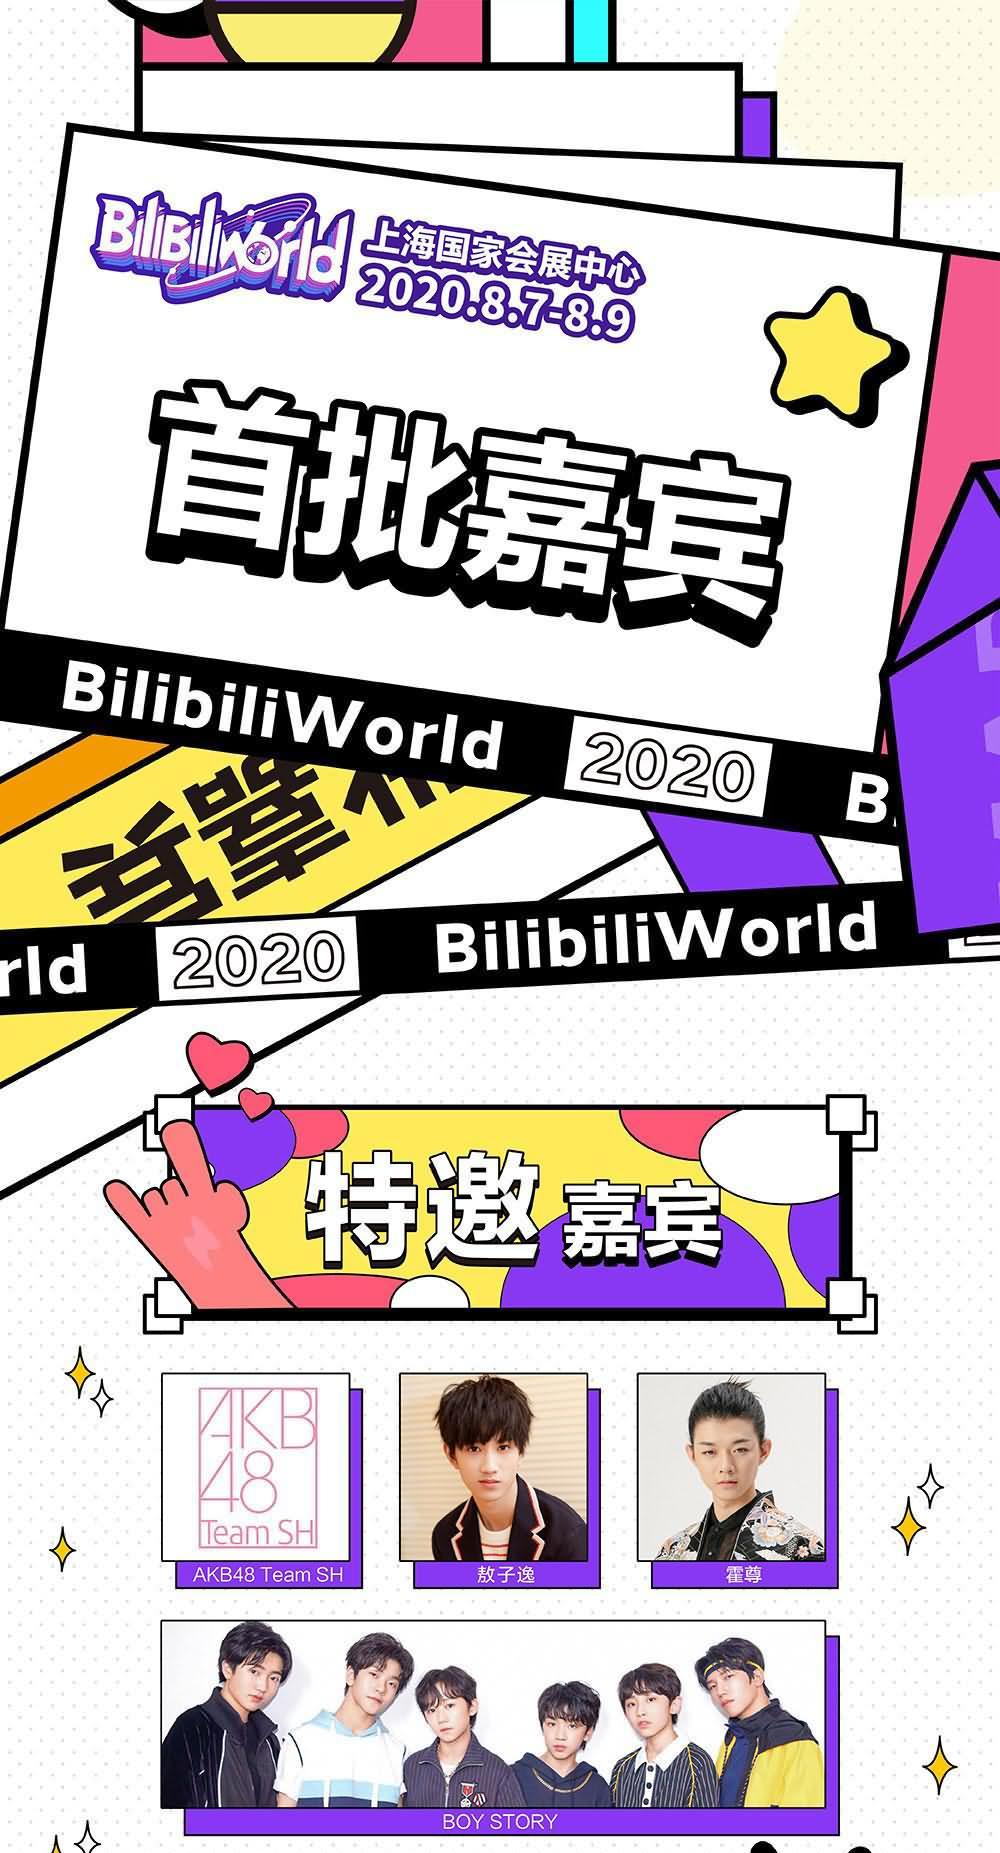 2020上海bw漫展时间是什么?2020bilibiliword